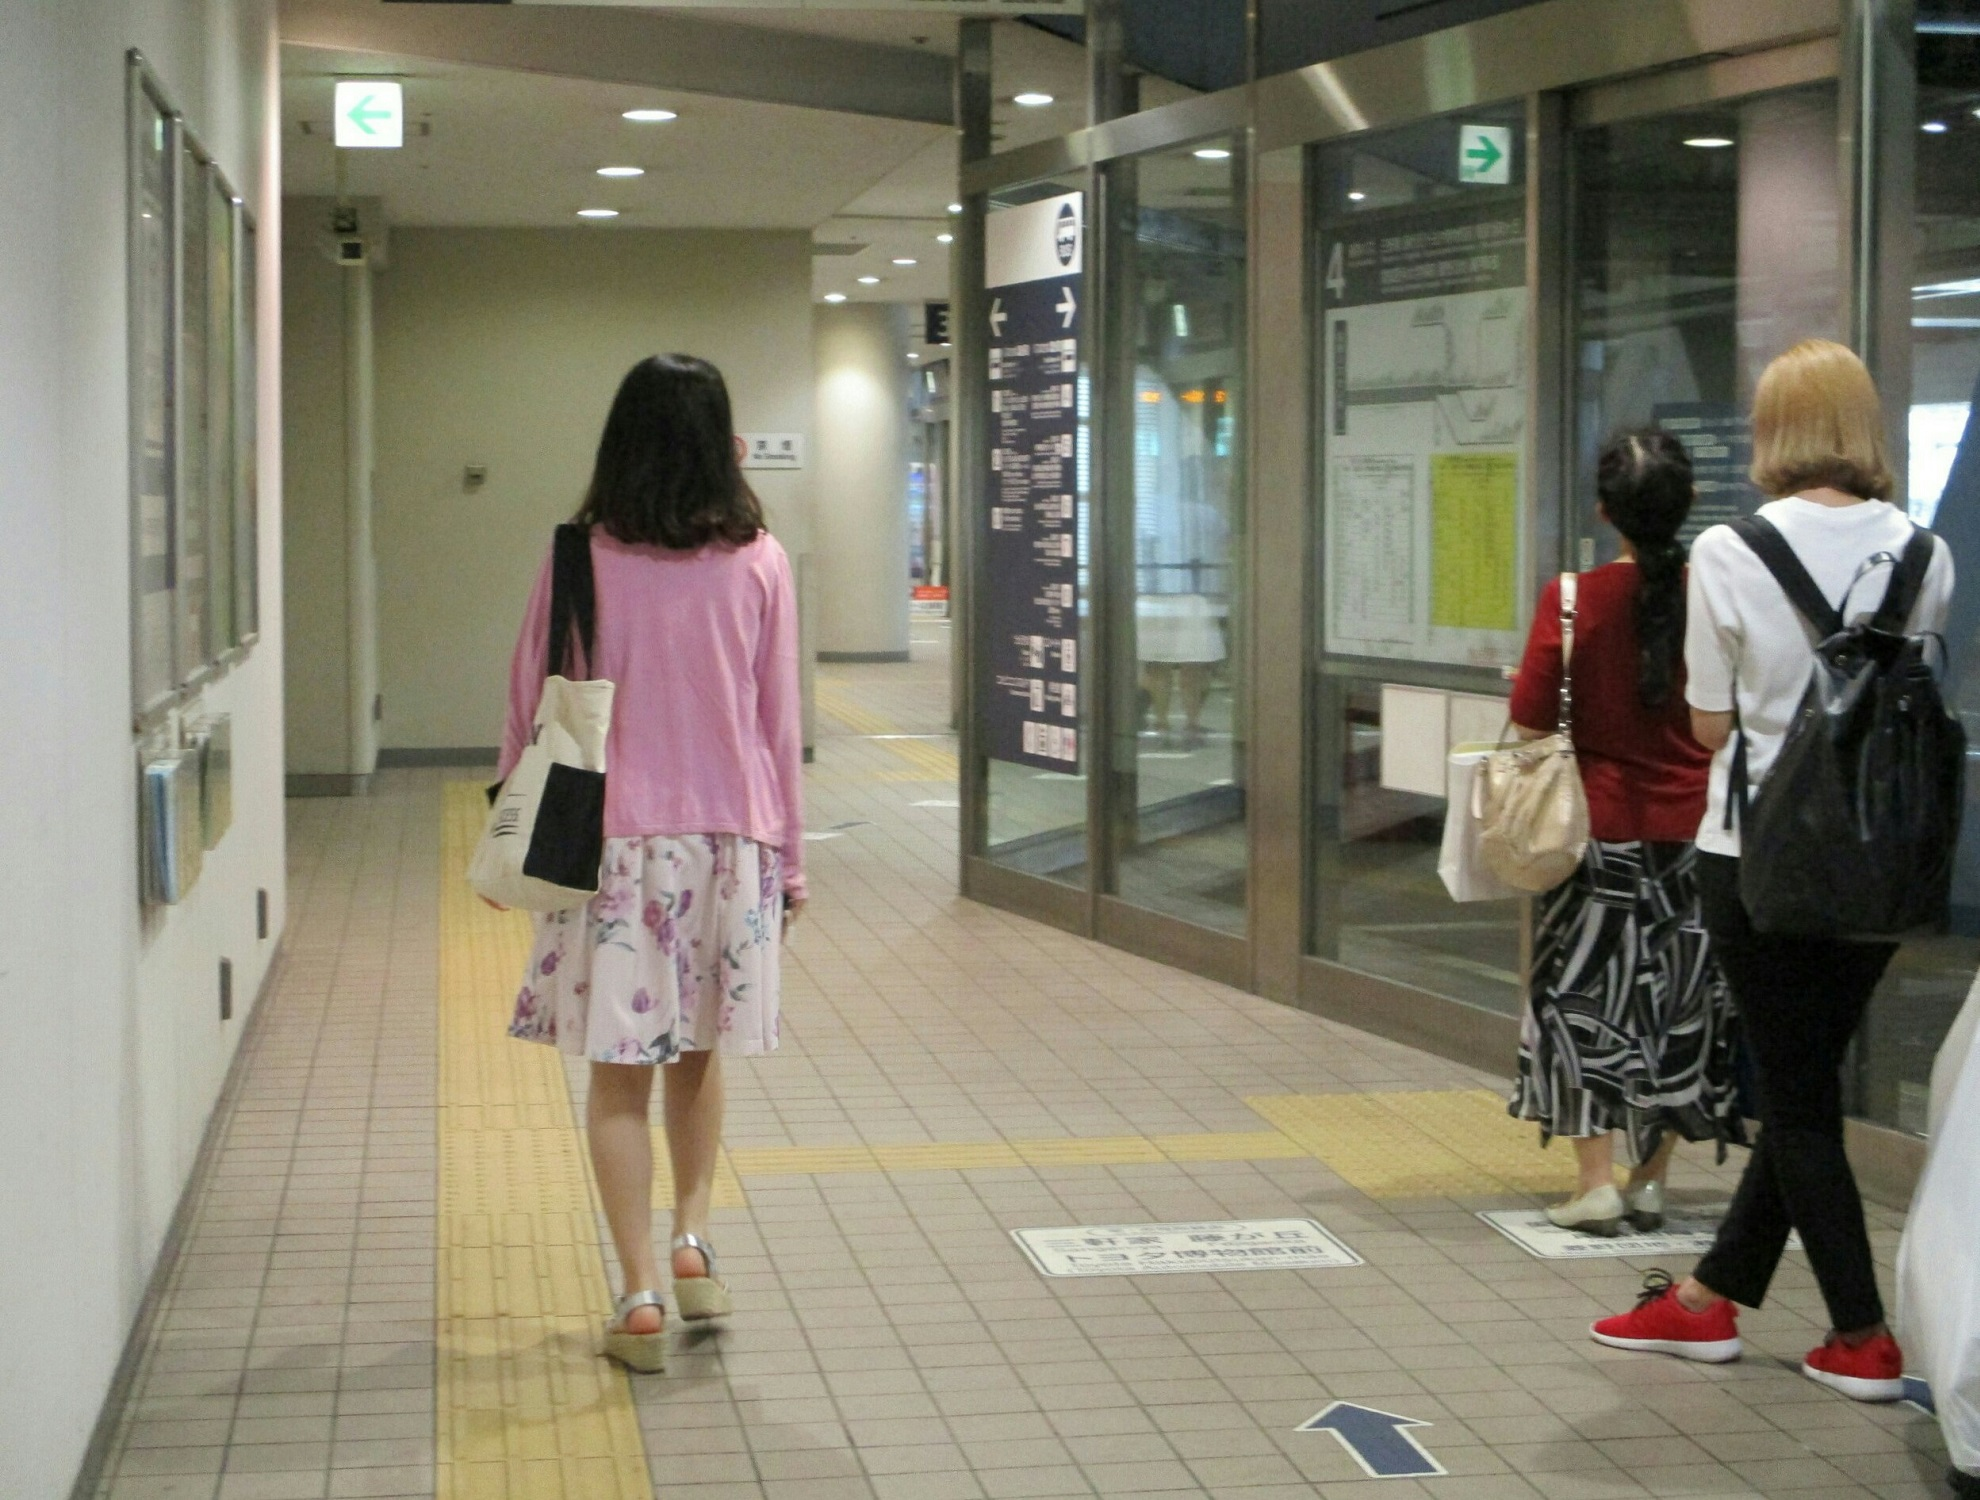 2018.6.27 (13) 名鉄バスセンター - 4番のりば 1980-1500